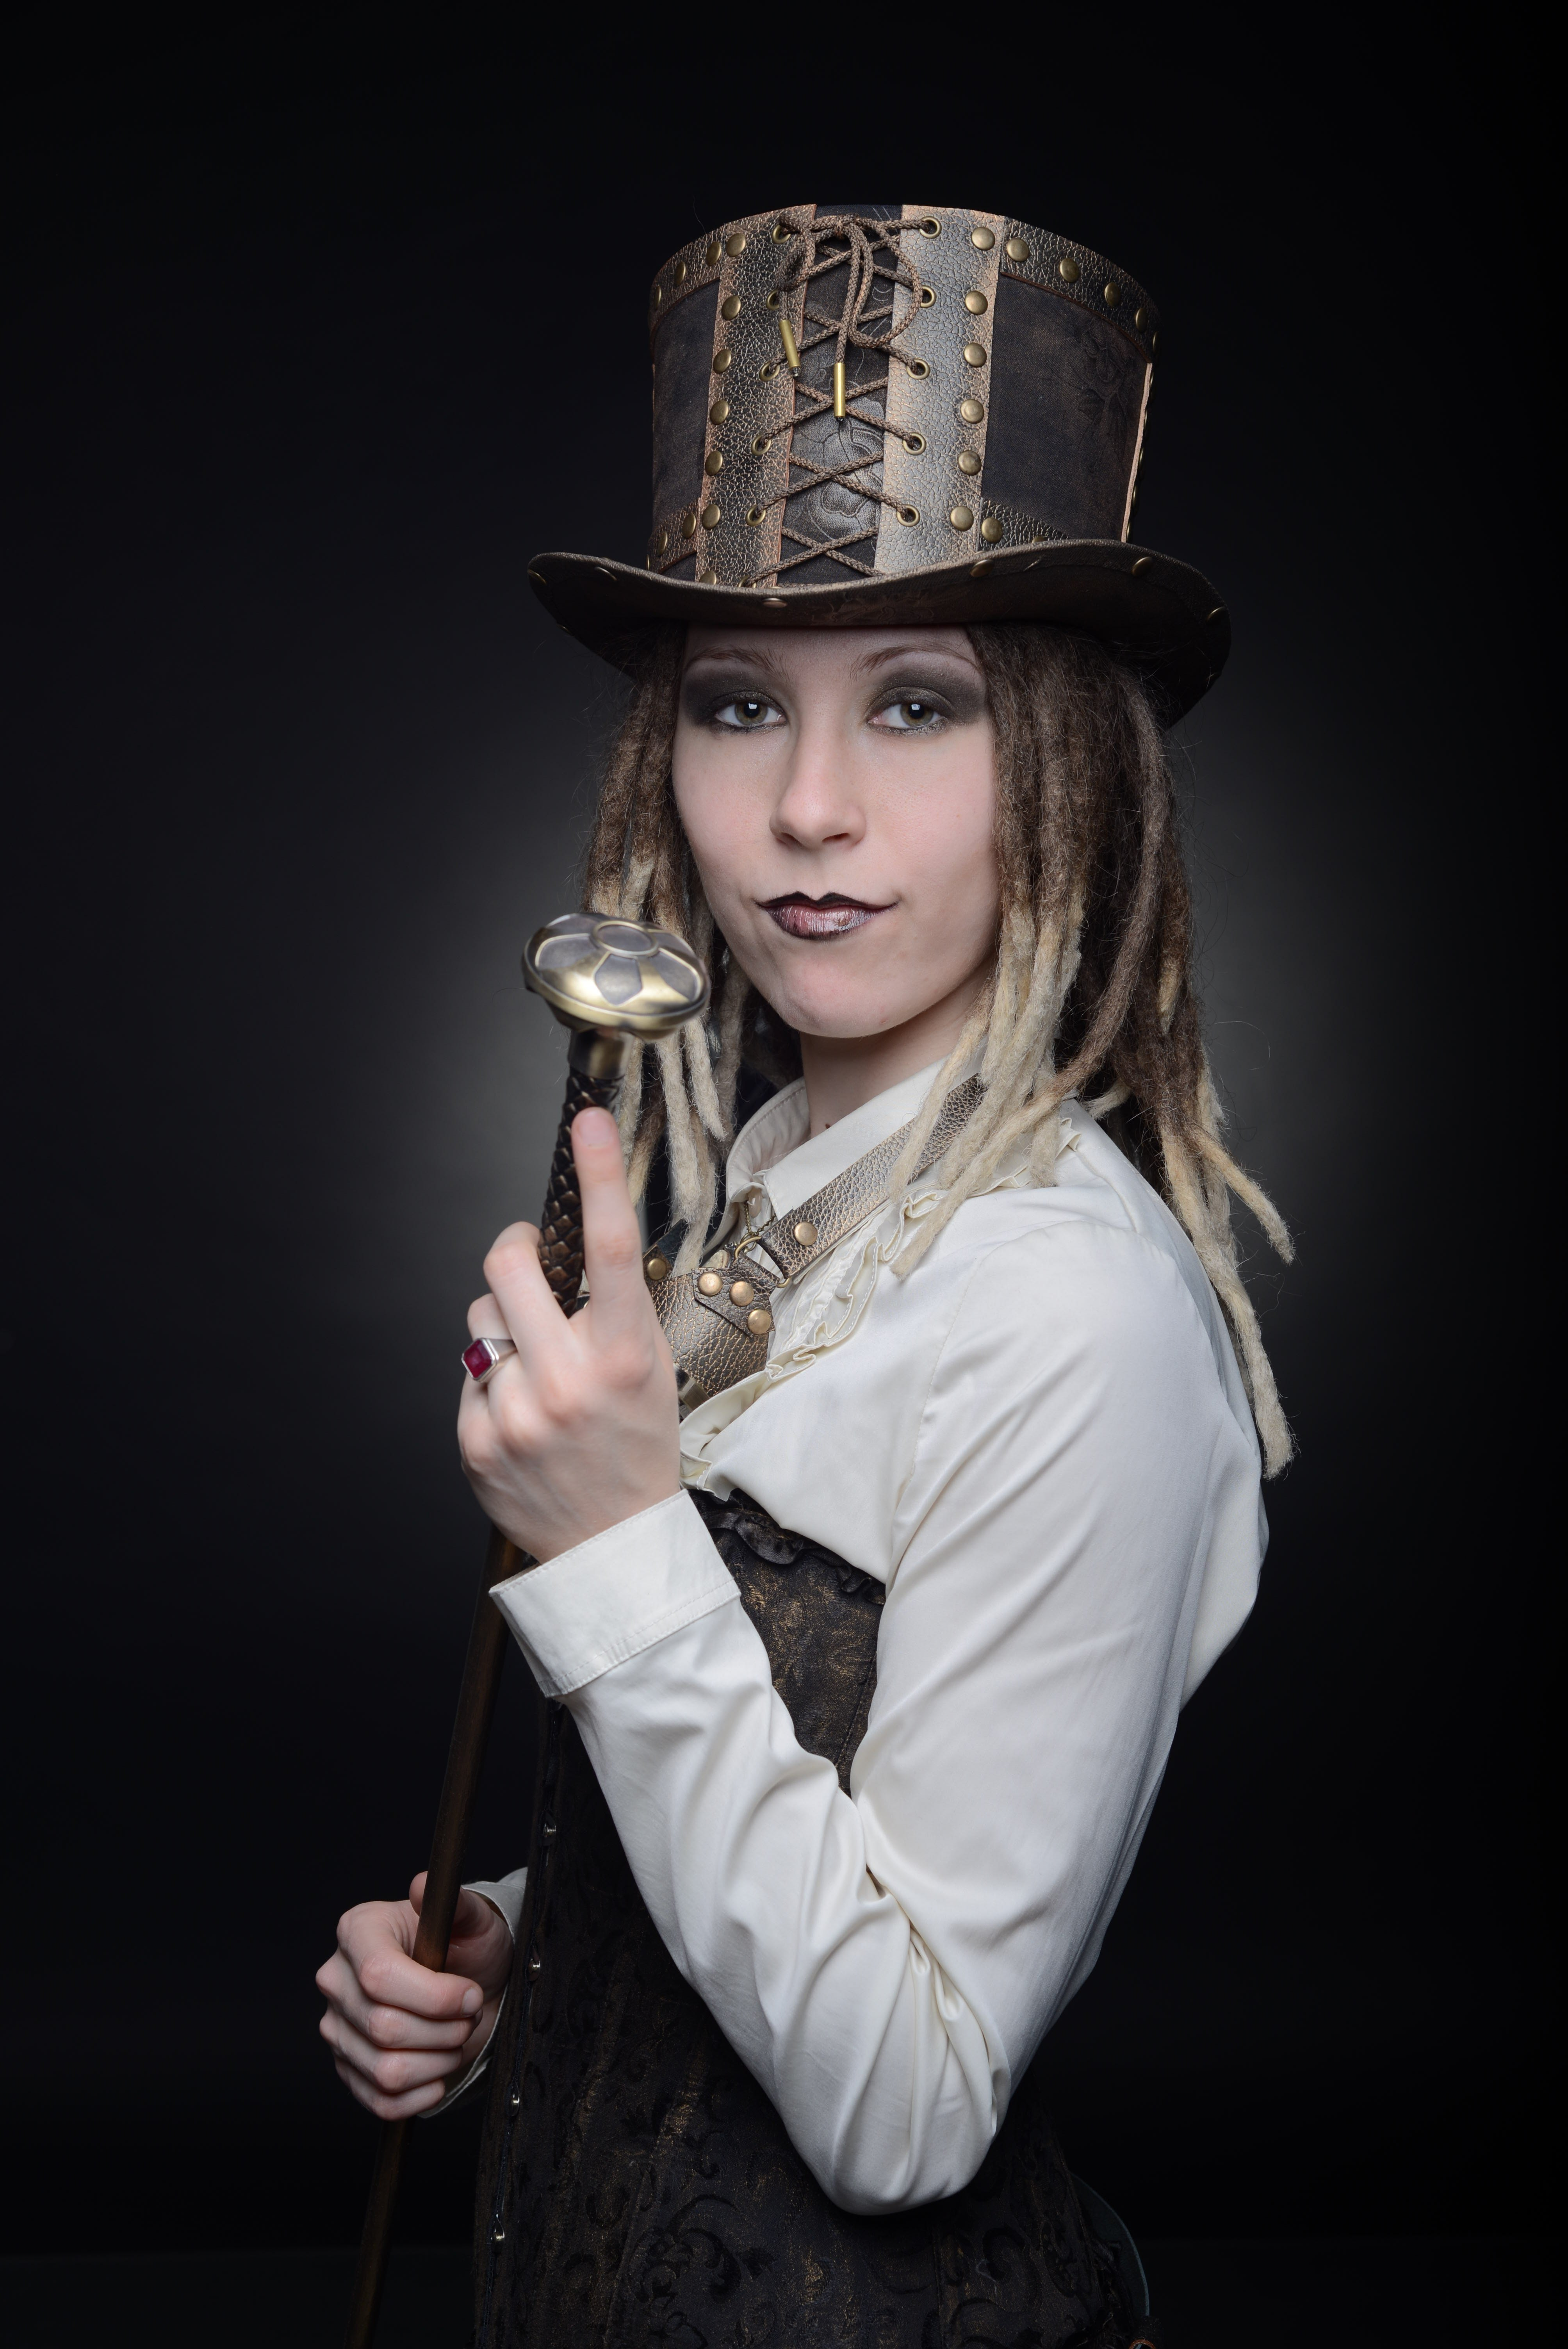 Фото девушки в стиле стимпанк в гогглых, цилиндре и с прогулочной тростью